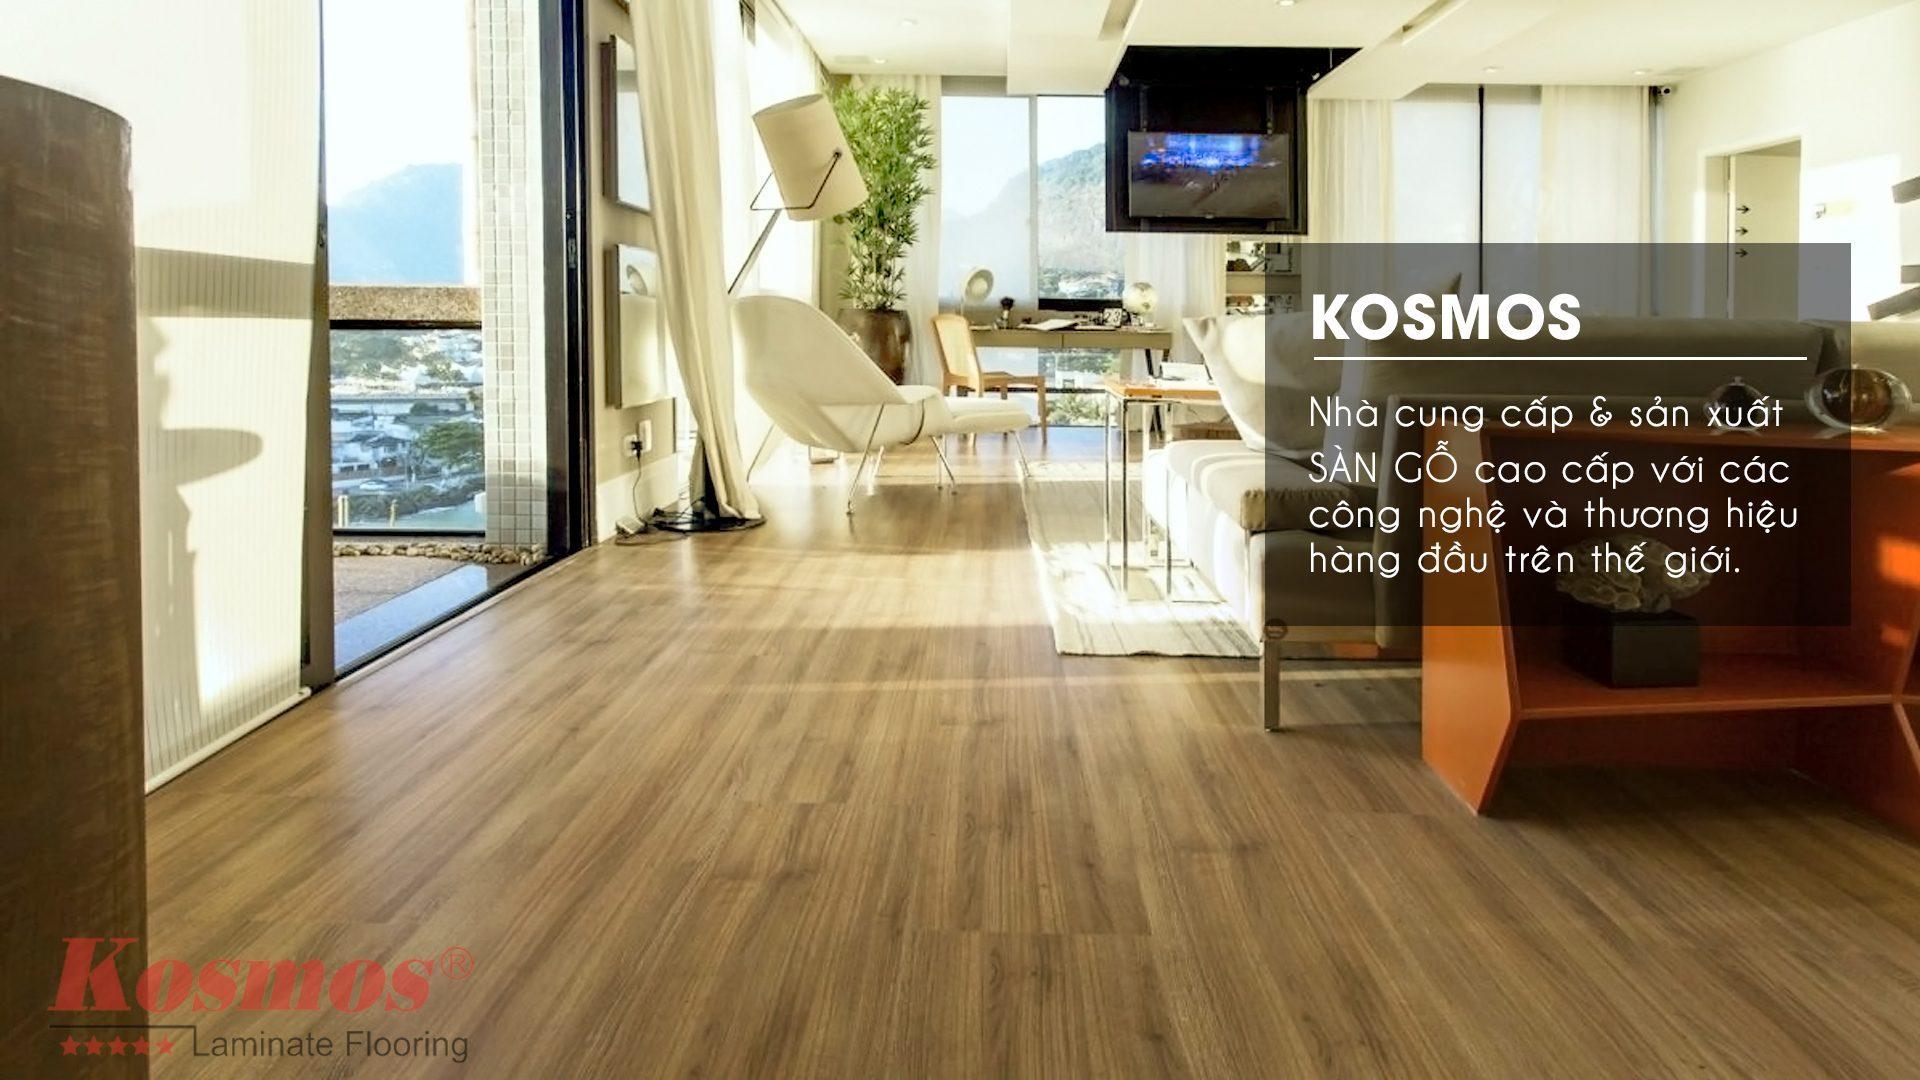 hình ảnh sàn gỗ công nghiệp Kosmos